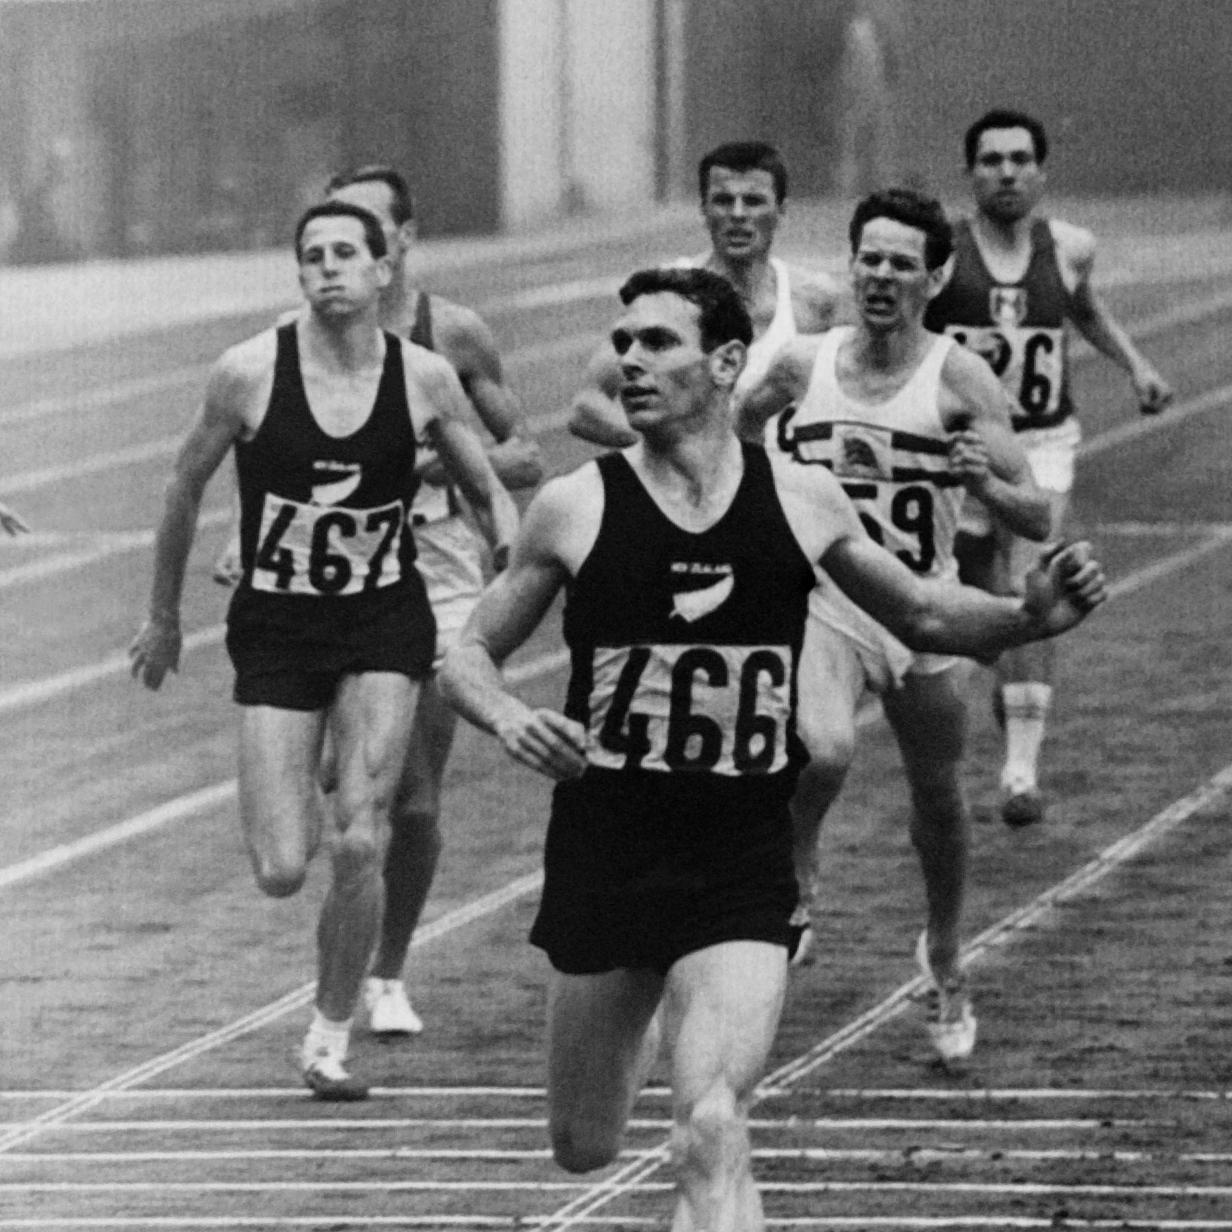 Nach Herzproblemen: Leichtathletik-Legende gestorben